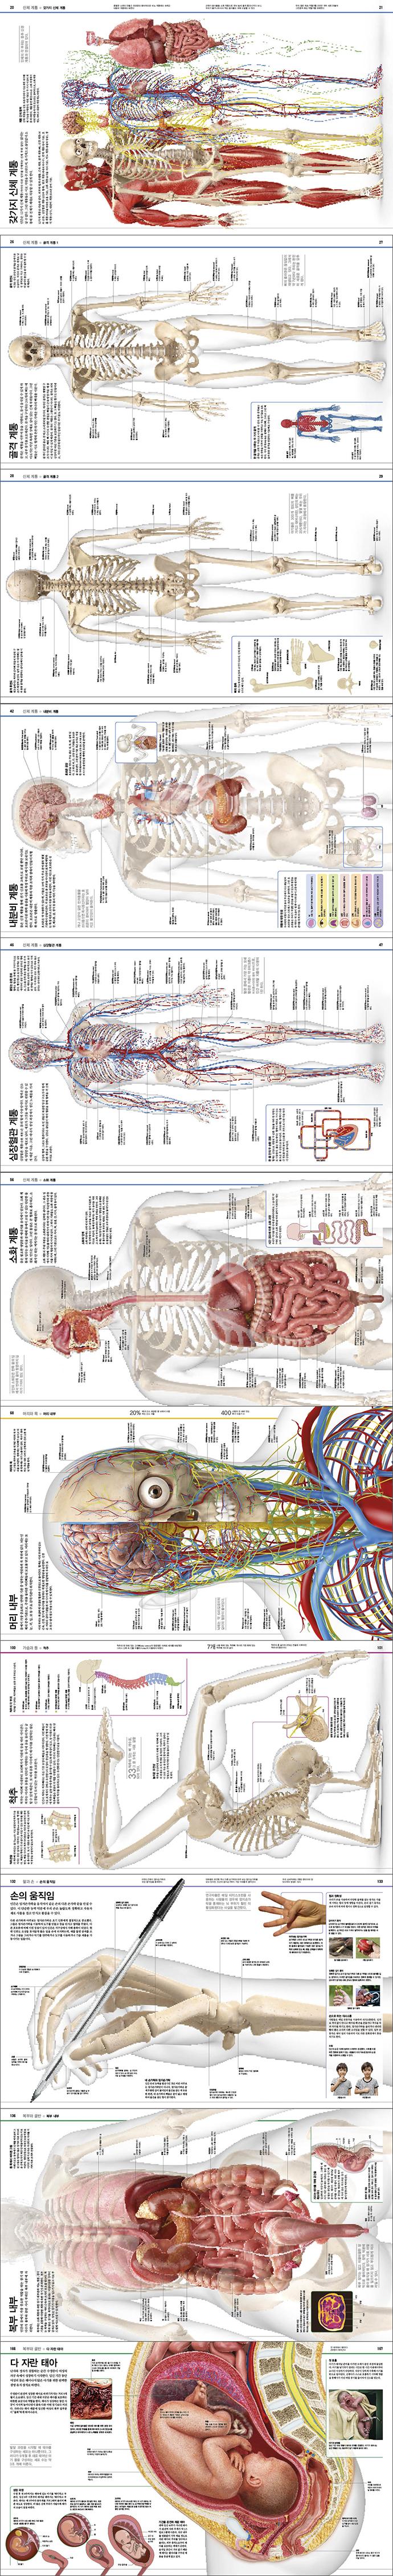 지식의 백과사전: 인체 도서 상세이미지